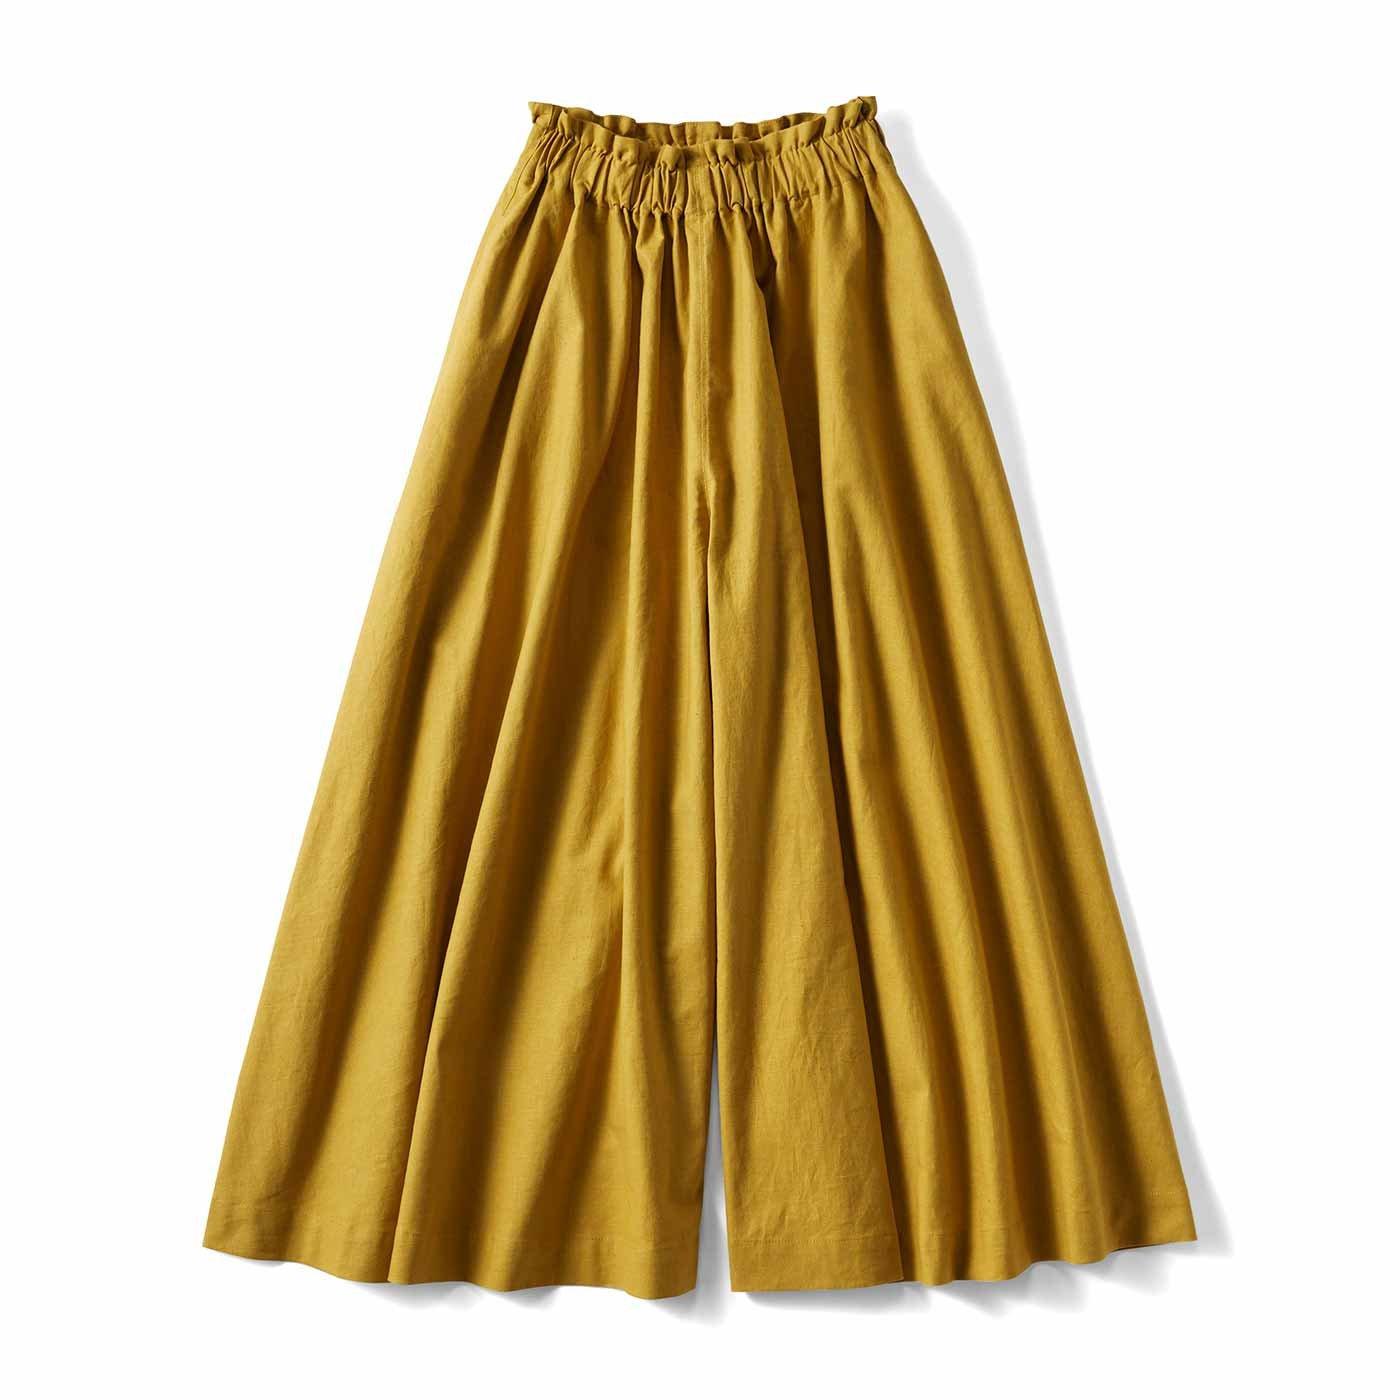 スカートみたいな ちょい厚コットンリネンのボリュームガウチョパンツ〈マスタードイエロー〉